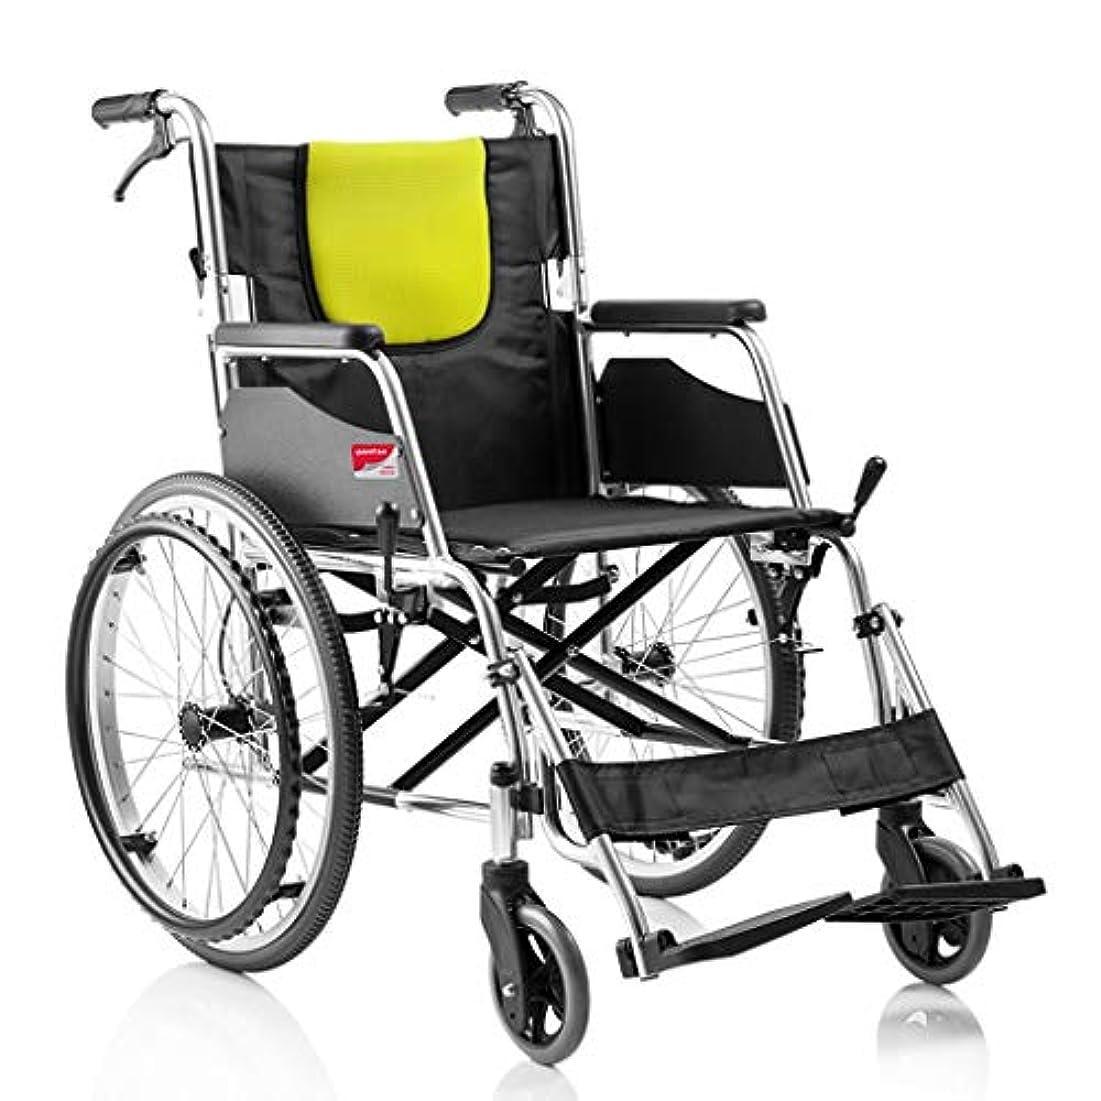 正確さ柔らかさ認める車椅子折りたたみ式、手動車椅子無料インフレータブルダブルブレーキデザイン、老人の手押し車椅子